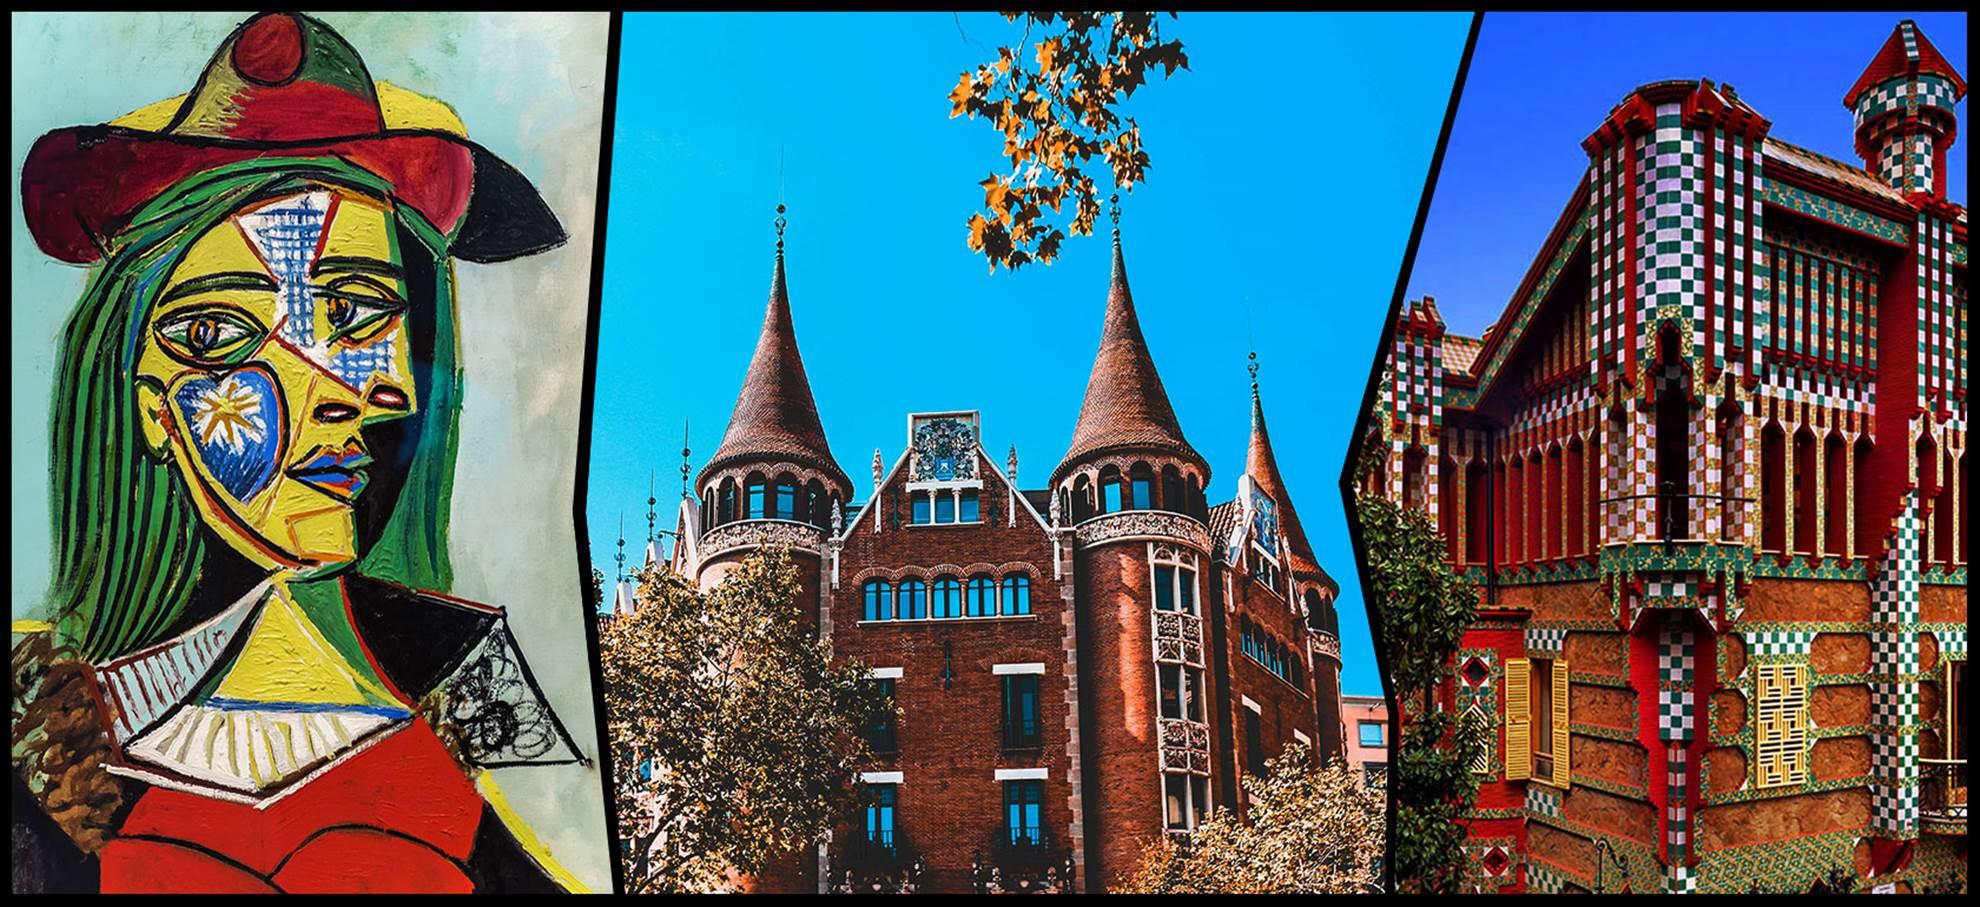 BCN Genius Combi: Gaudi´s Casa Vicens and Picasso Museum